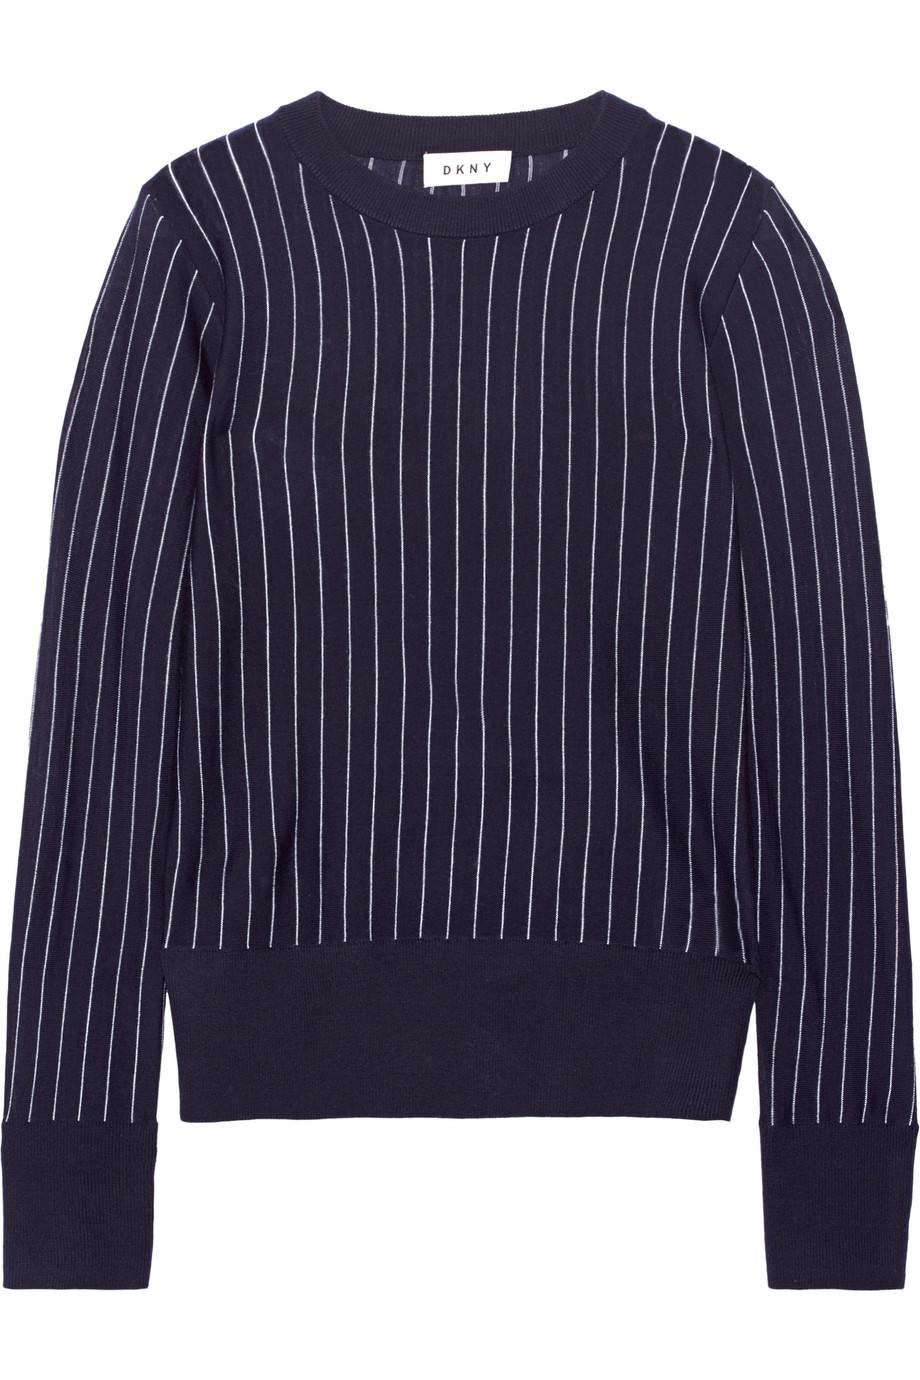 DKNY Striped Merino Wool Sweater, Navy, Women's